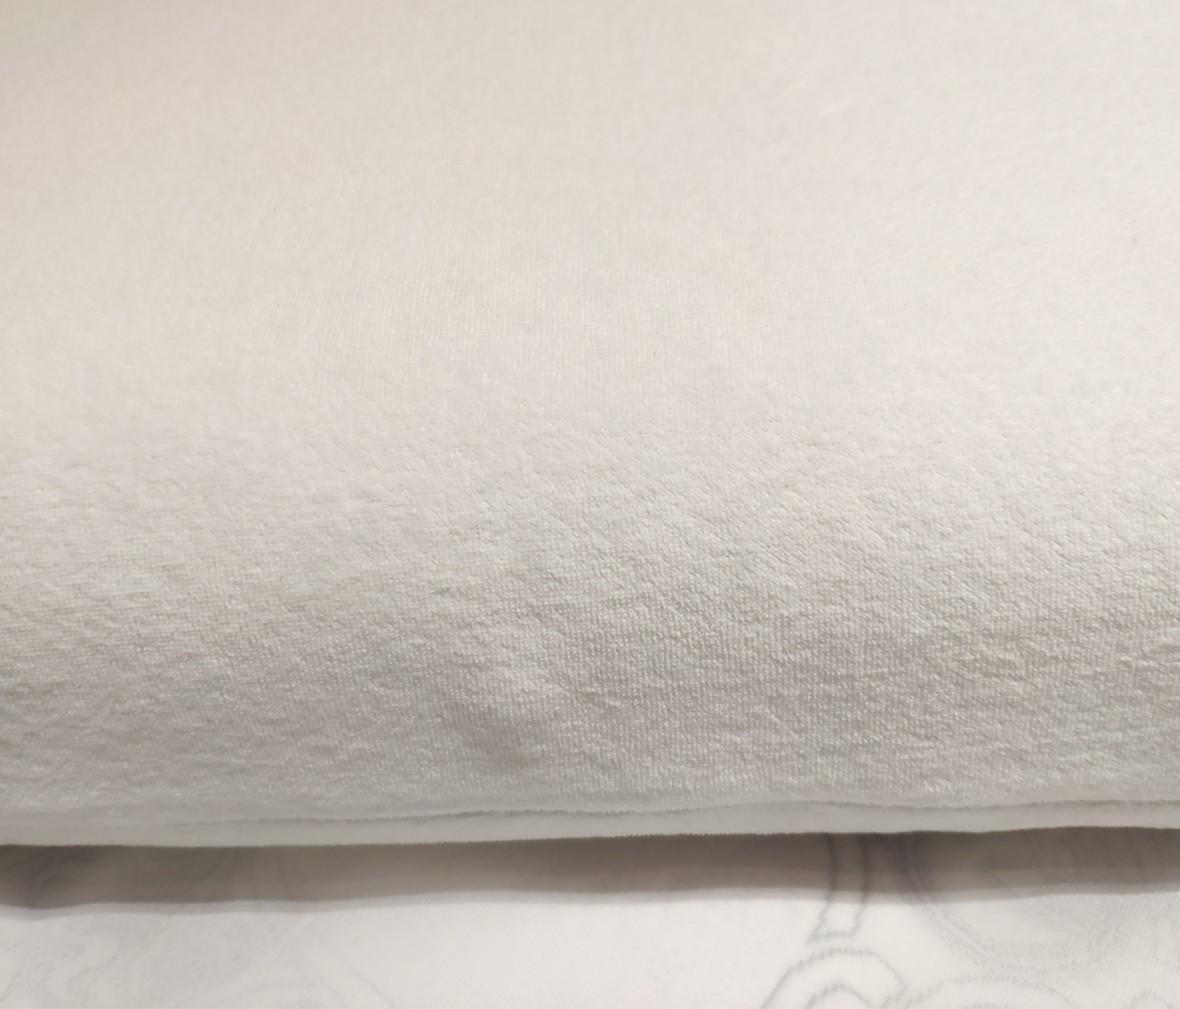 舒达 乳胶枕 乳胶+海绵材质乳胶枕 卧室床品 图片、价格、品牌、评测样样齐全!【蓝景商城正品行货,蓝景丽家大钟寺家居广场提货,北京地区配送,领券更优惠,线上线下同品同价,立即购买享受更多优惠哦!】